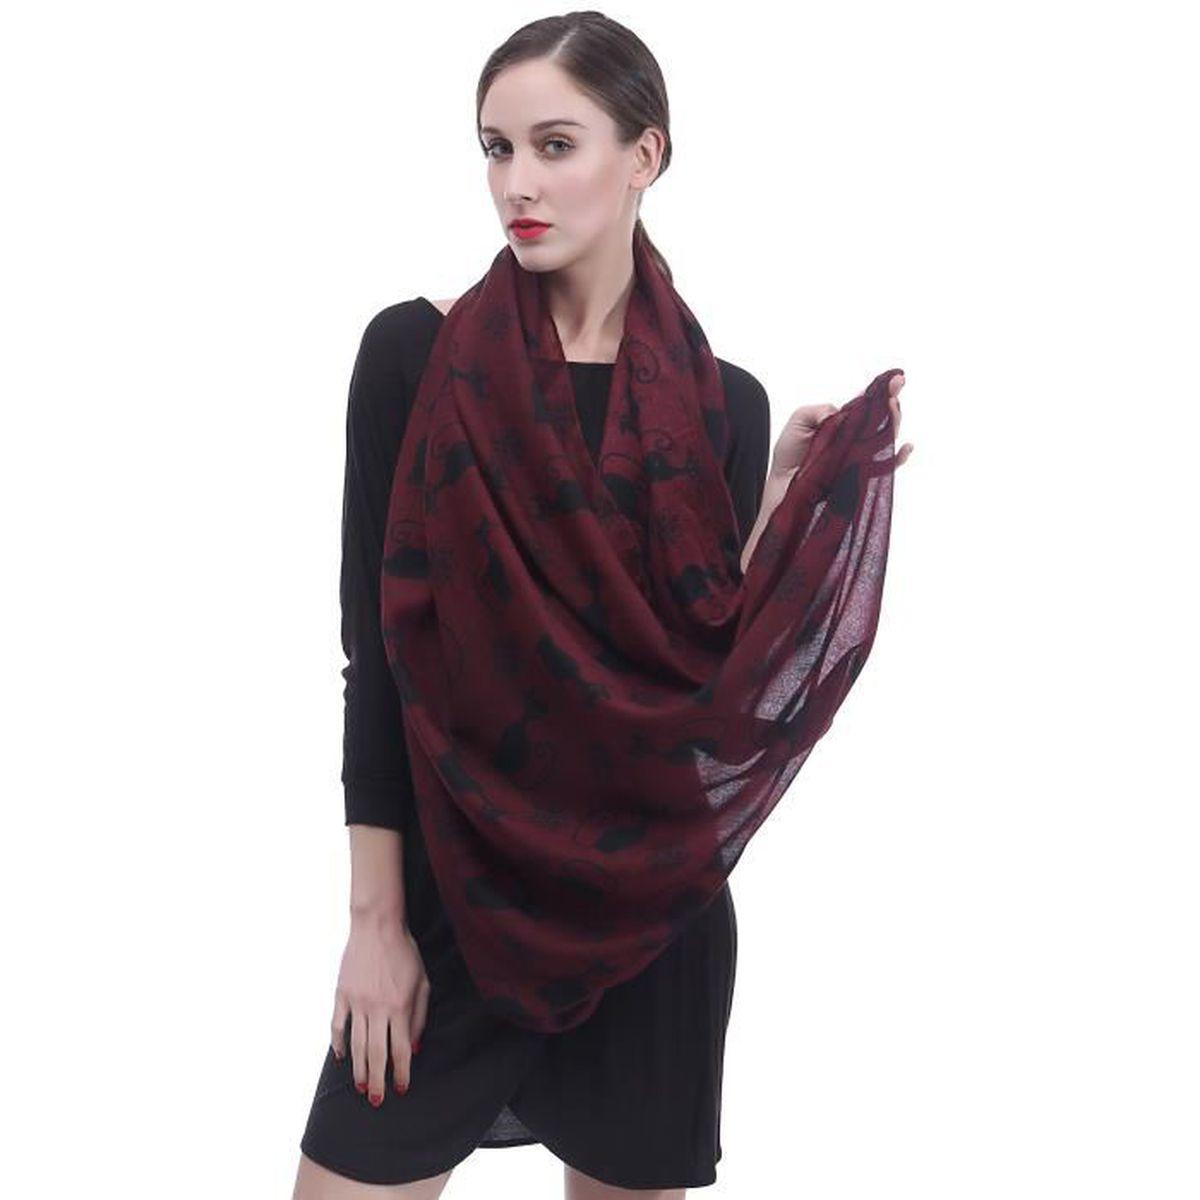 eb59eb594aad Écharpe Foulard pour Femme Imprimé Chat-Rouge Fonce+Noir - Achat   Vente  echarpe - foulard 2009335273088 - Soldes  dès le 9 janvier ! Cdiscount